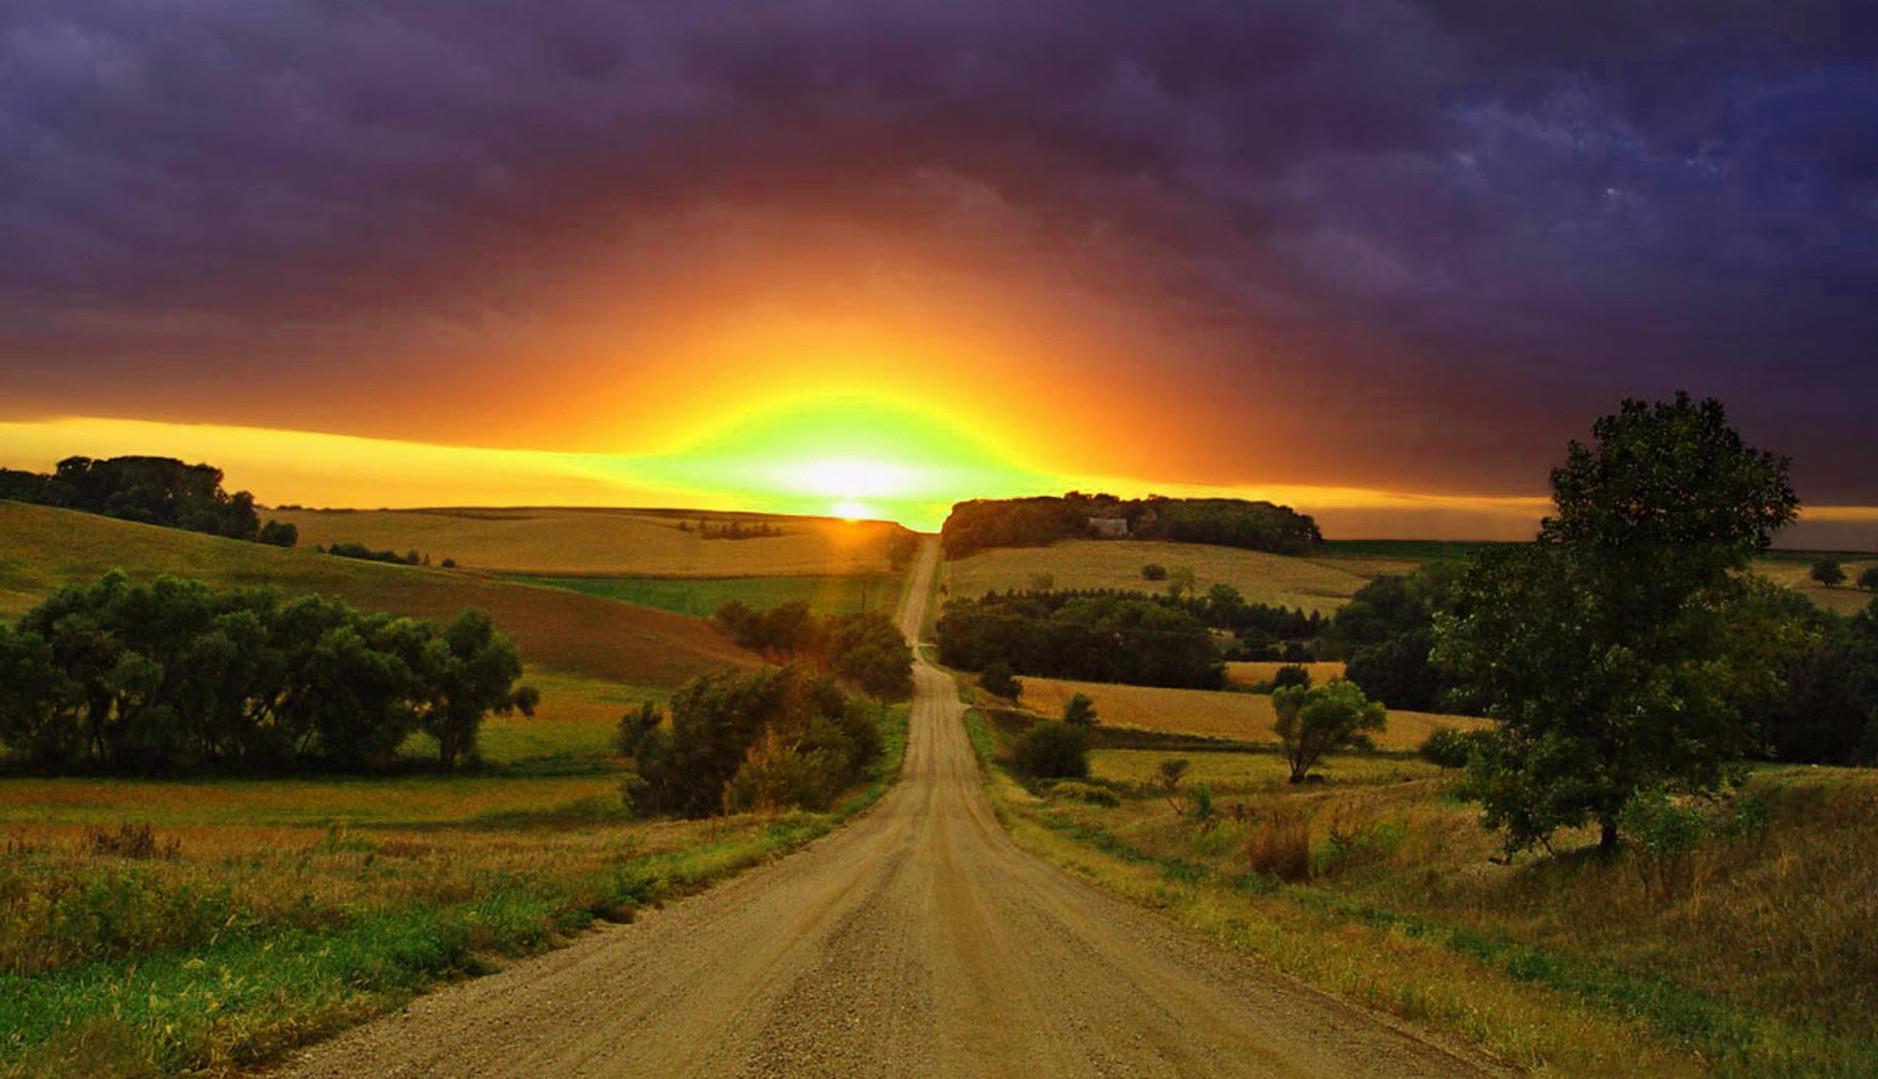 road-mountain-sun-greenery.jpg